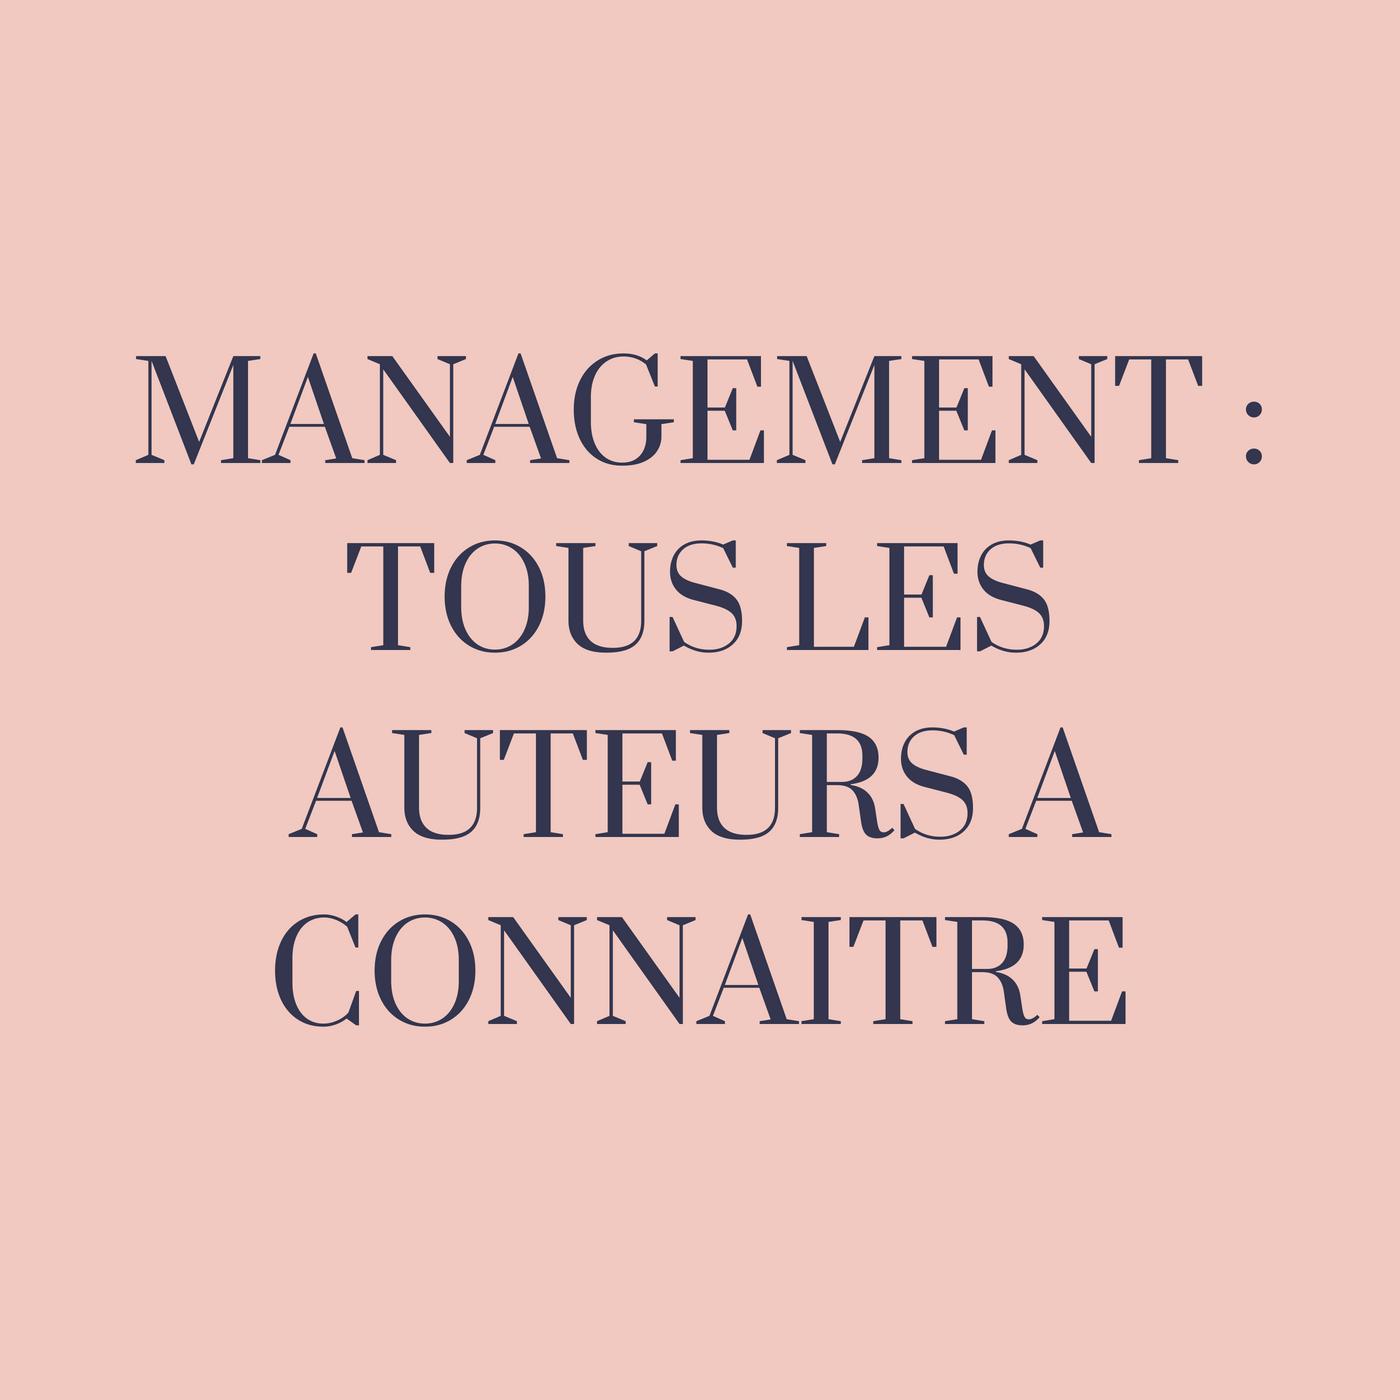 Management : TOUT les auteurs à connaître